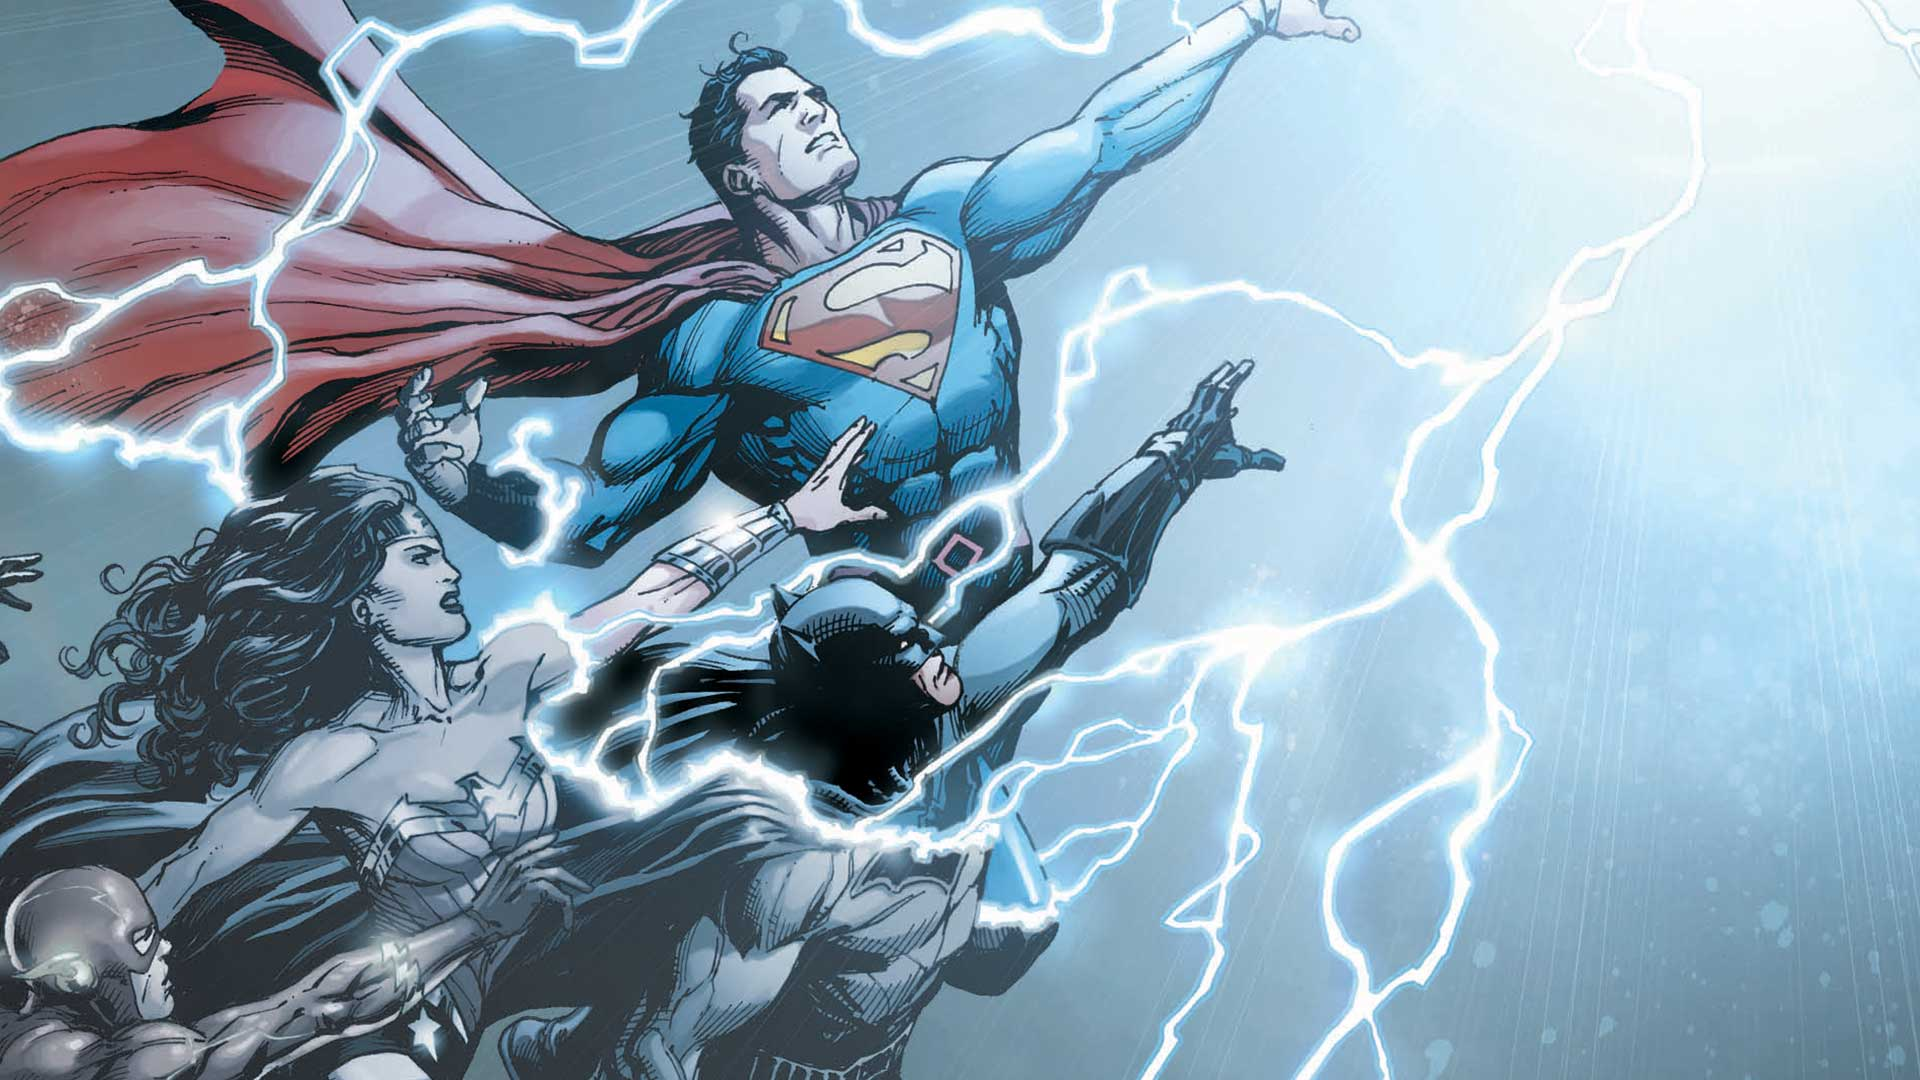 Art for DC Universe: Rebirth No. 1